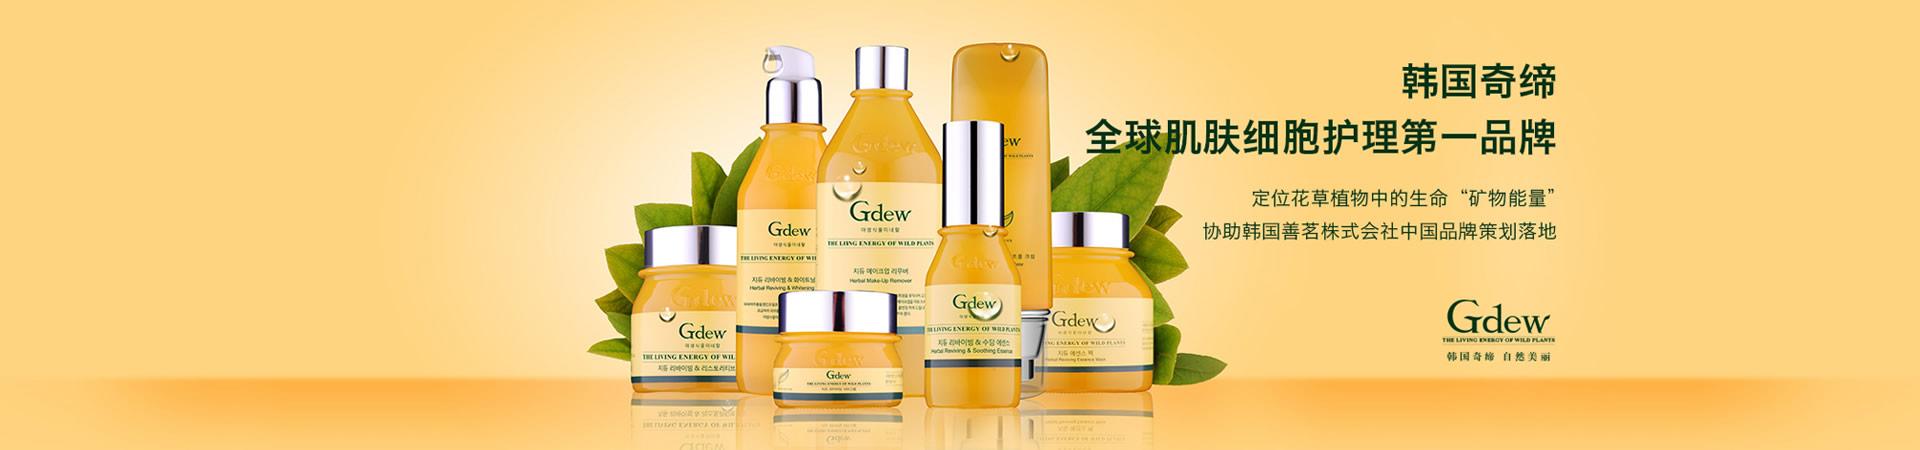 Gdew化妆品策划